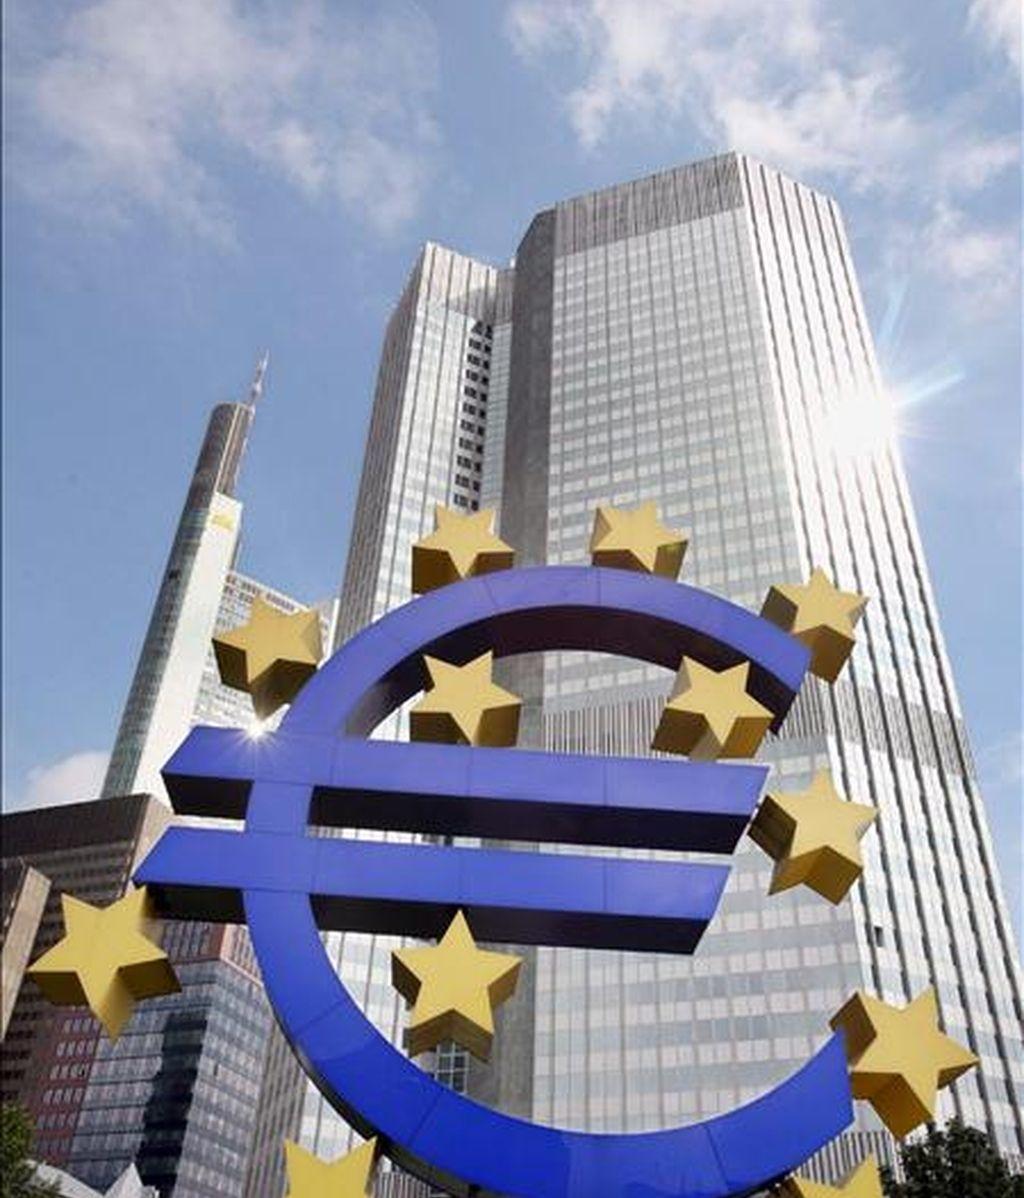 La fachada de la sede del Banco Central Europeo (BCE) en Alemania. EFE/Archivo